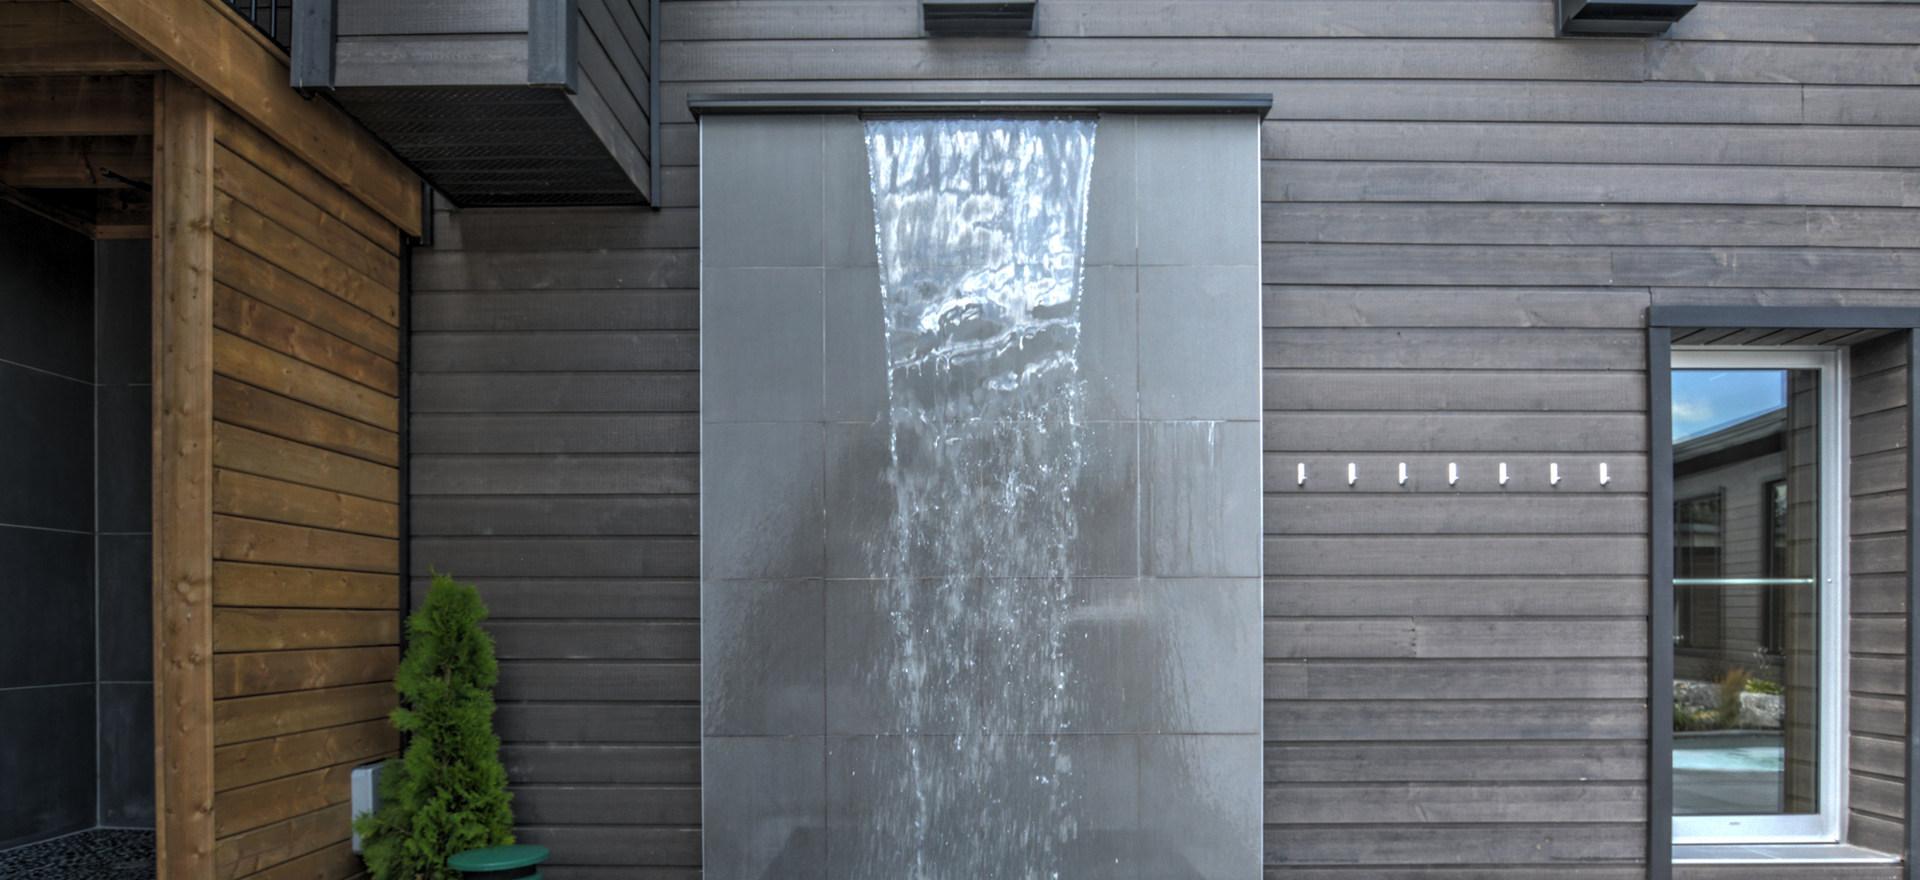 Hotel spa le suisse | bains nordiques | spa | St-donat | laurentides | lanaudière